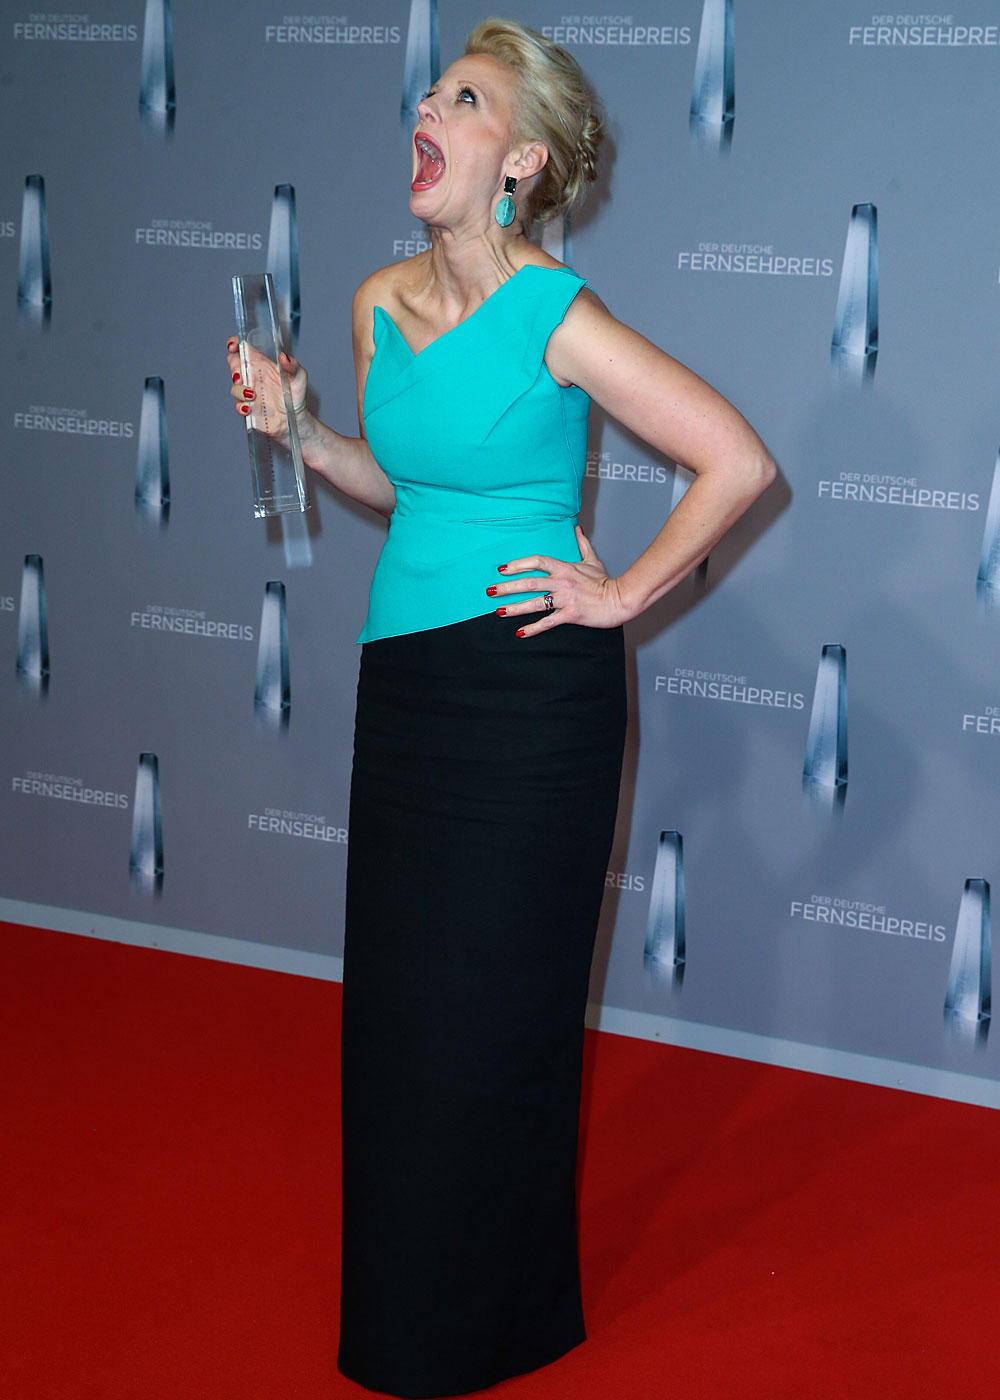 Die Verleihung des Deutschen Fernsehpreises 2016